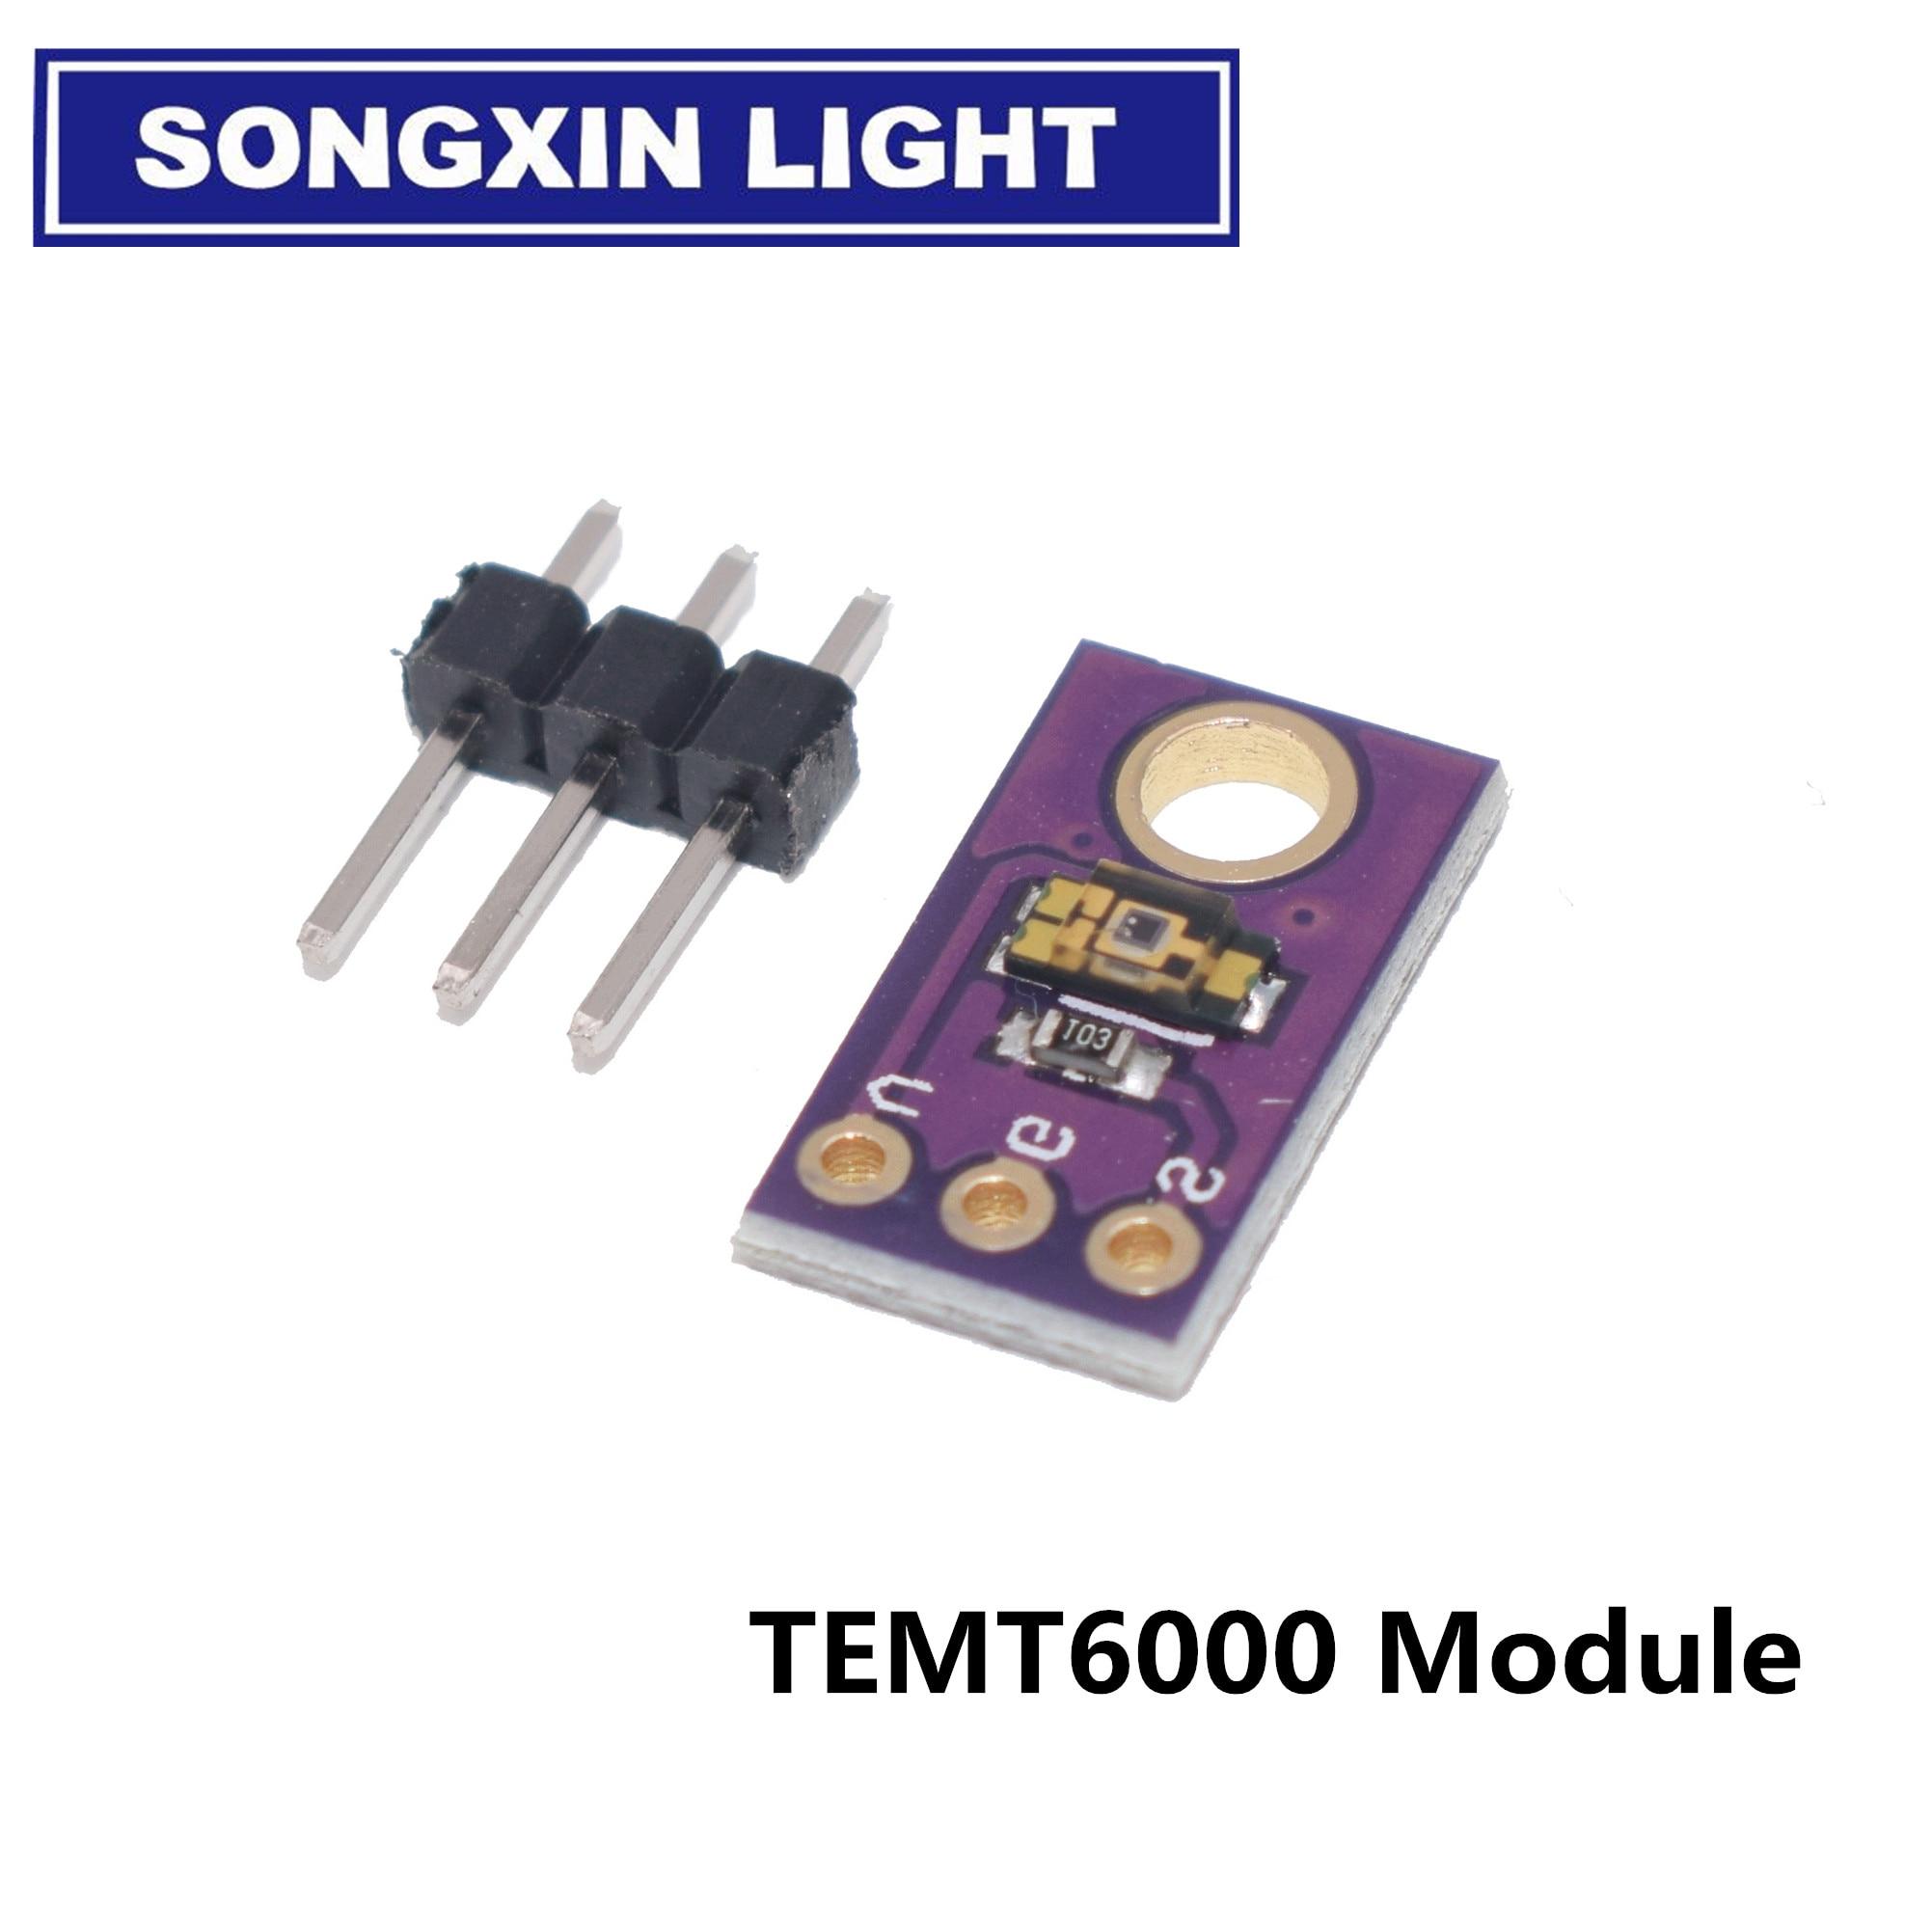 Sensor de luz ambiental TEMT6000 An, simula el módulo de intensidad de la luz, sensor de luz Visible